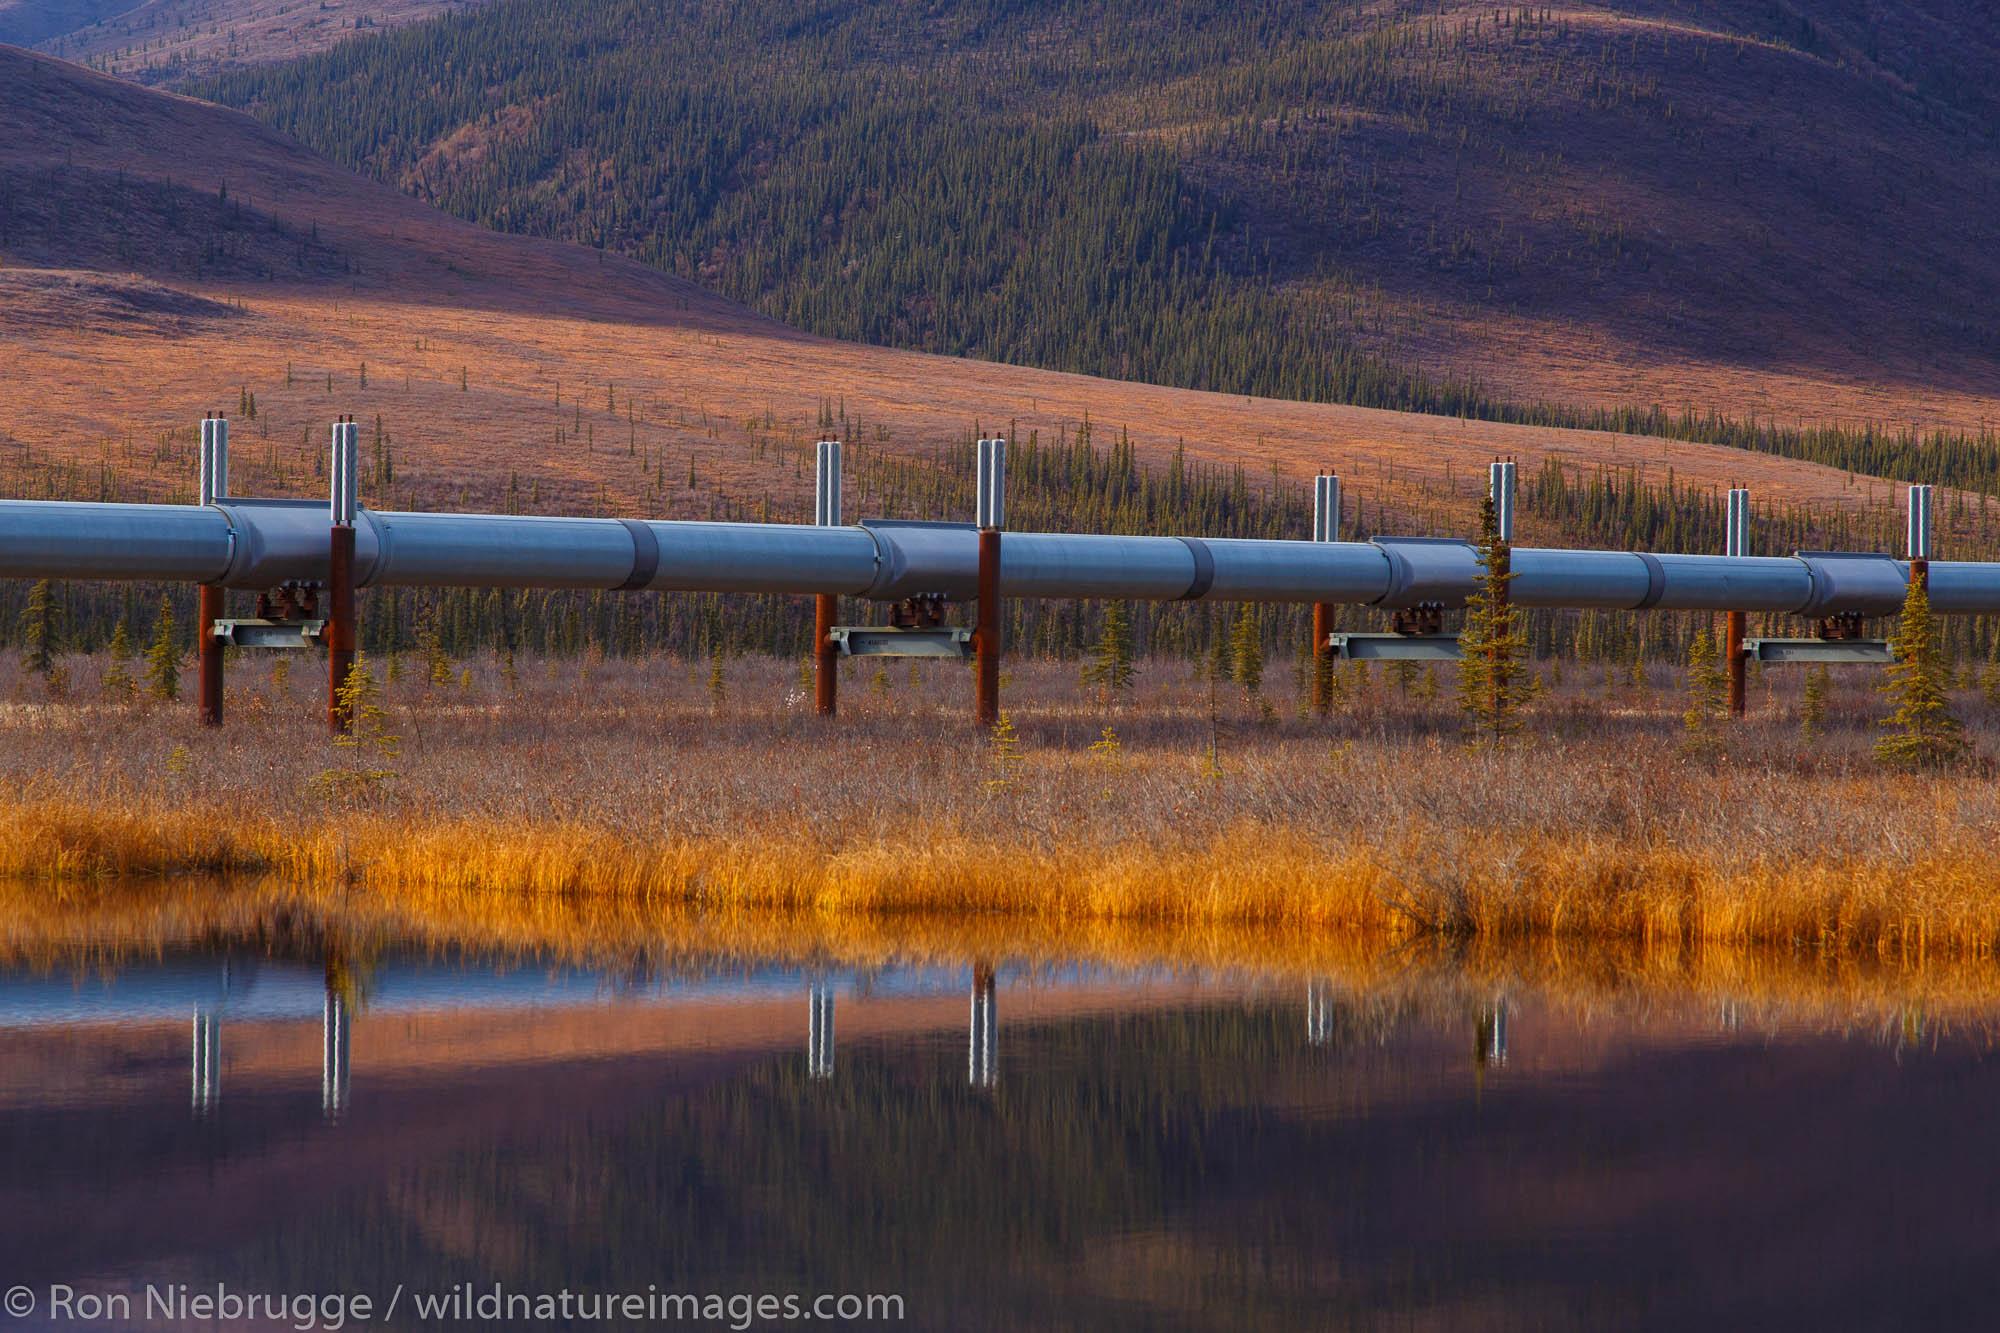 Alyeska Pipeline from the Dalton Highway, Alaska.